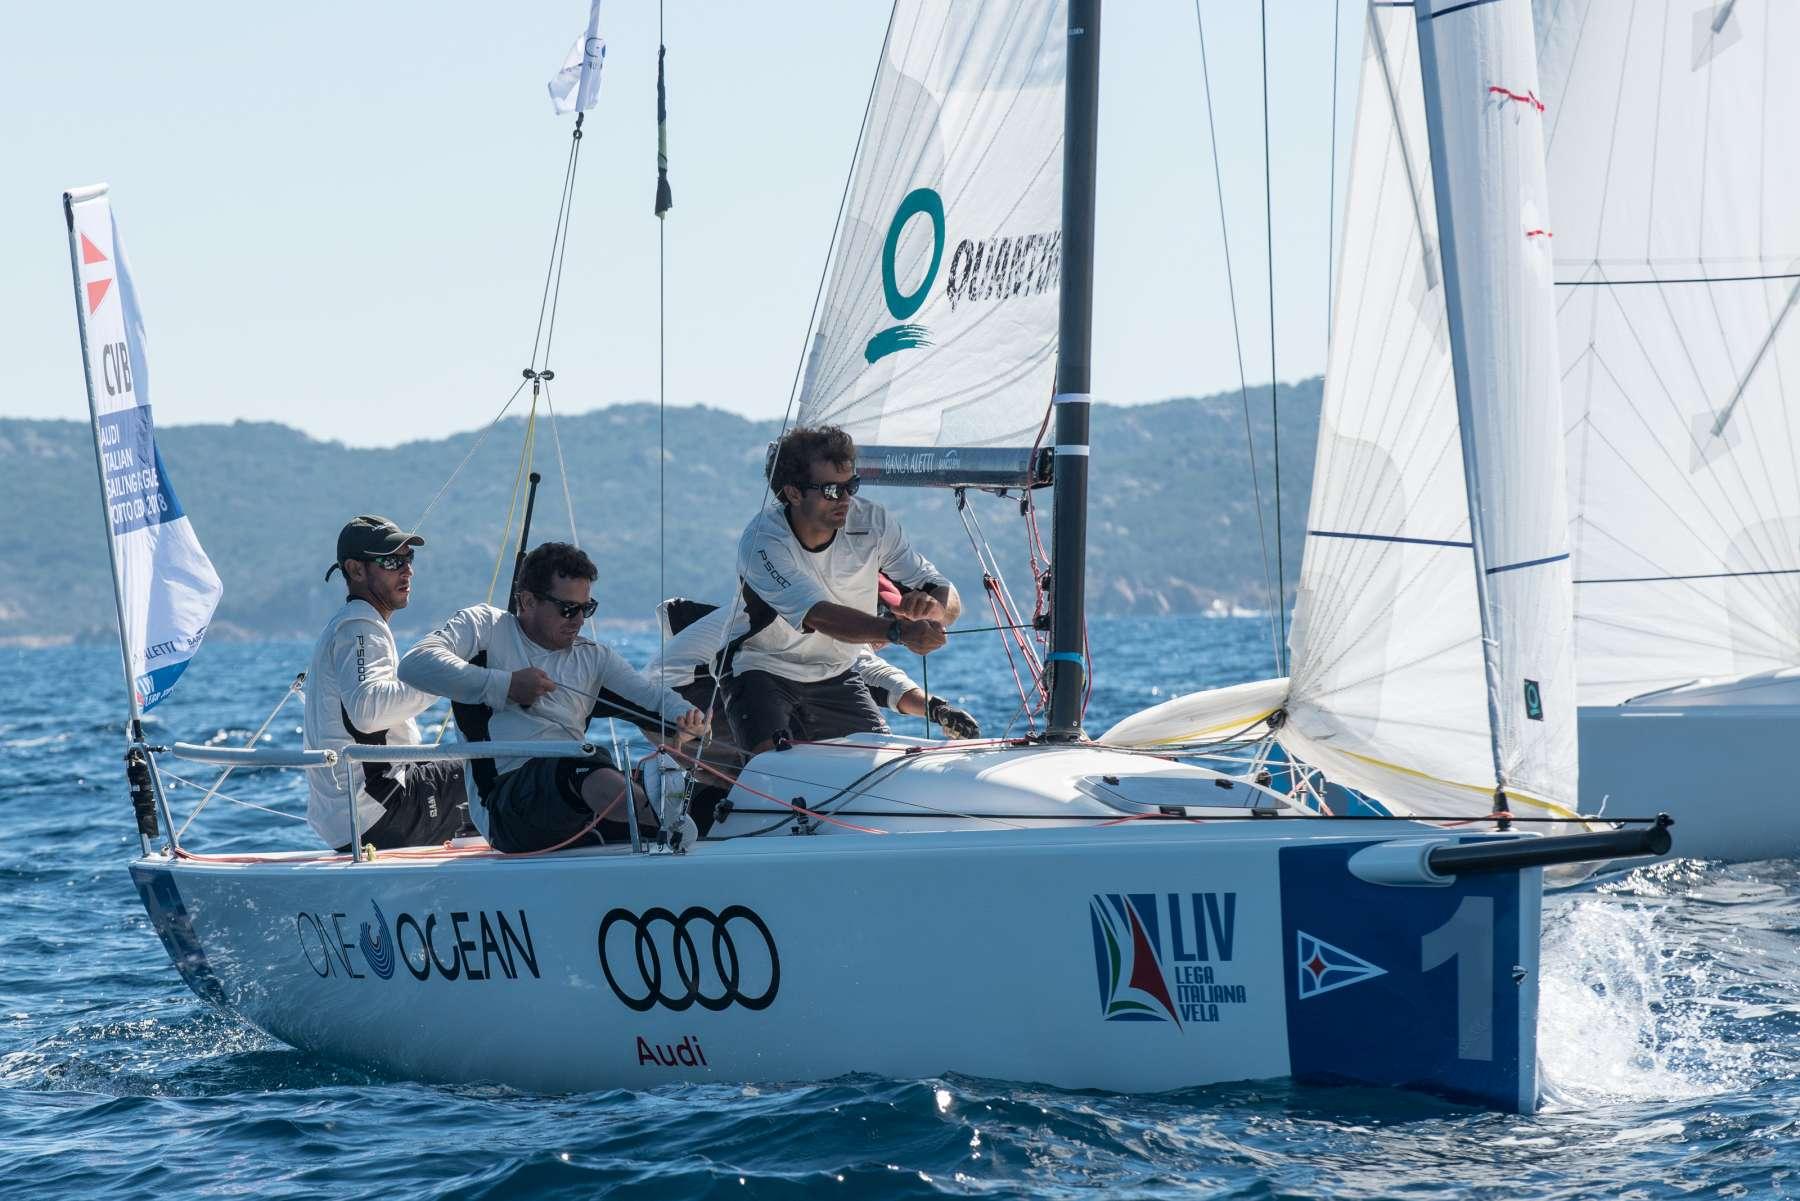 CIRCOLO DELLA VELA BARI IN TESTA ALLA FINALE DELLA  AUDI ITALIAN SAILING LEAGUE - NEWS - Yacht Club Costa Smeralda